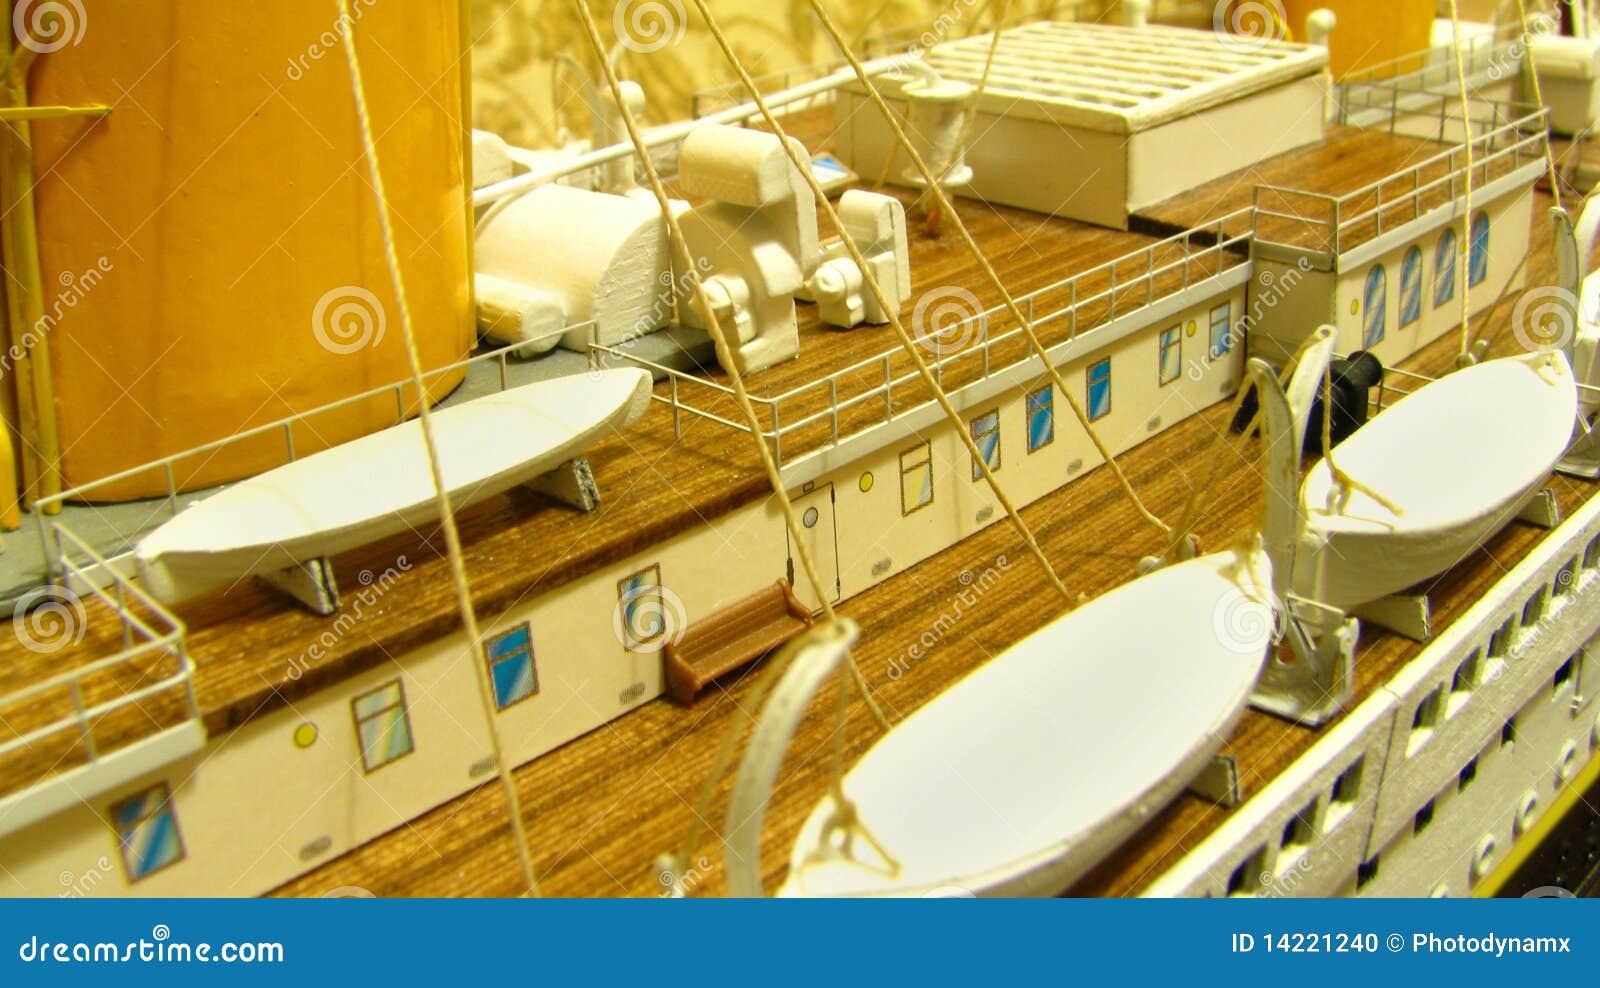 Plataforma titânica e barcos salva-vidas do Rms